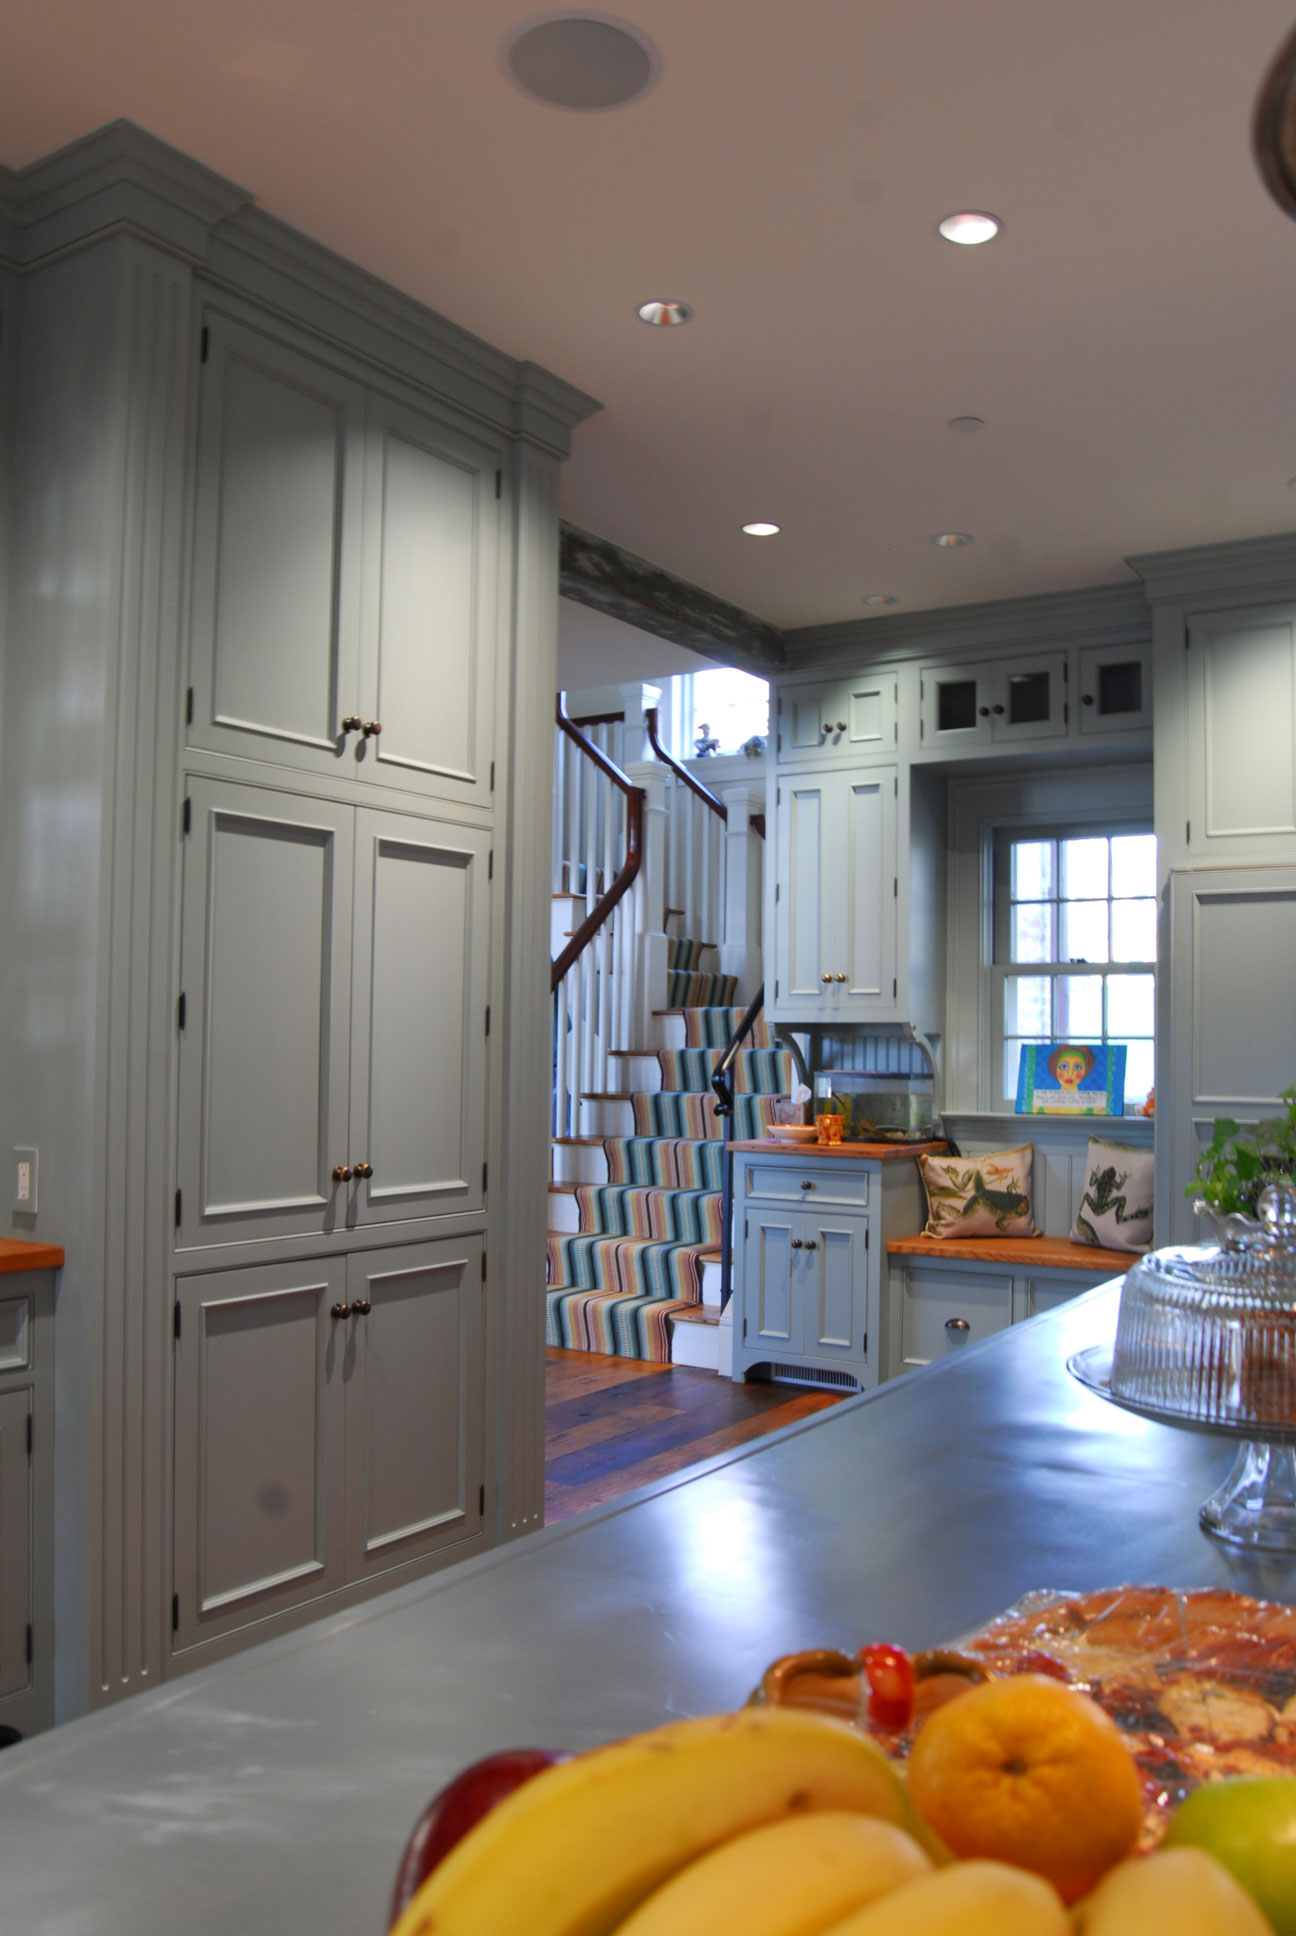 Int---Kitchen.jpg